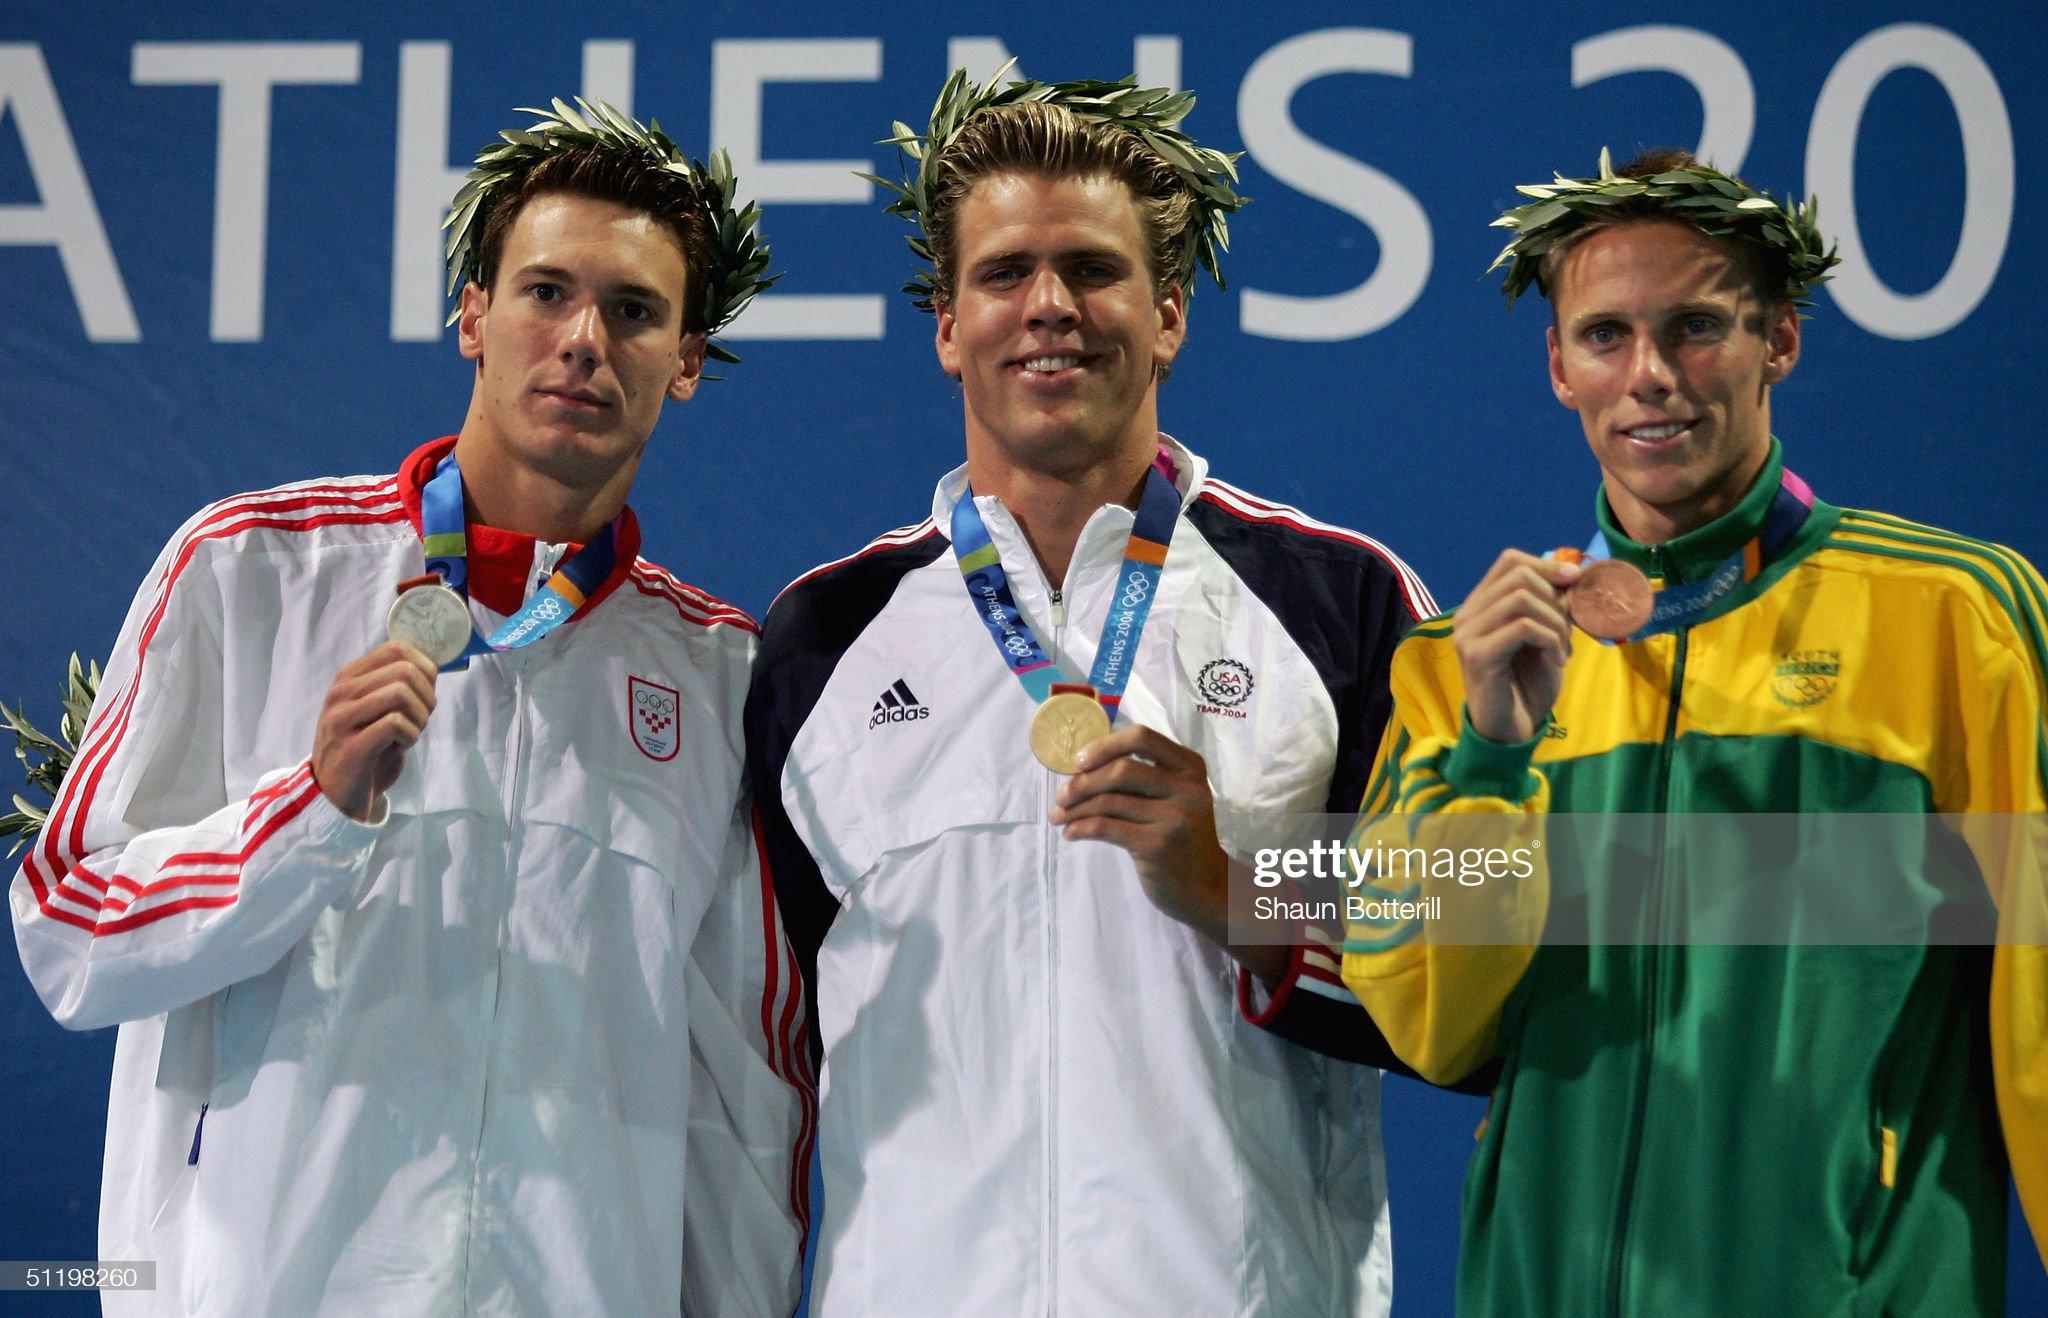 Mens 50m Free Medal Ceremony : Fotografía de noticias